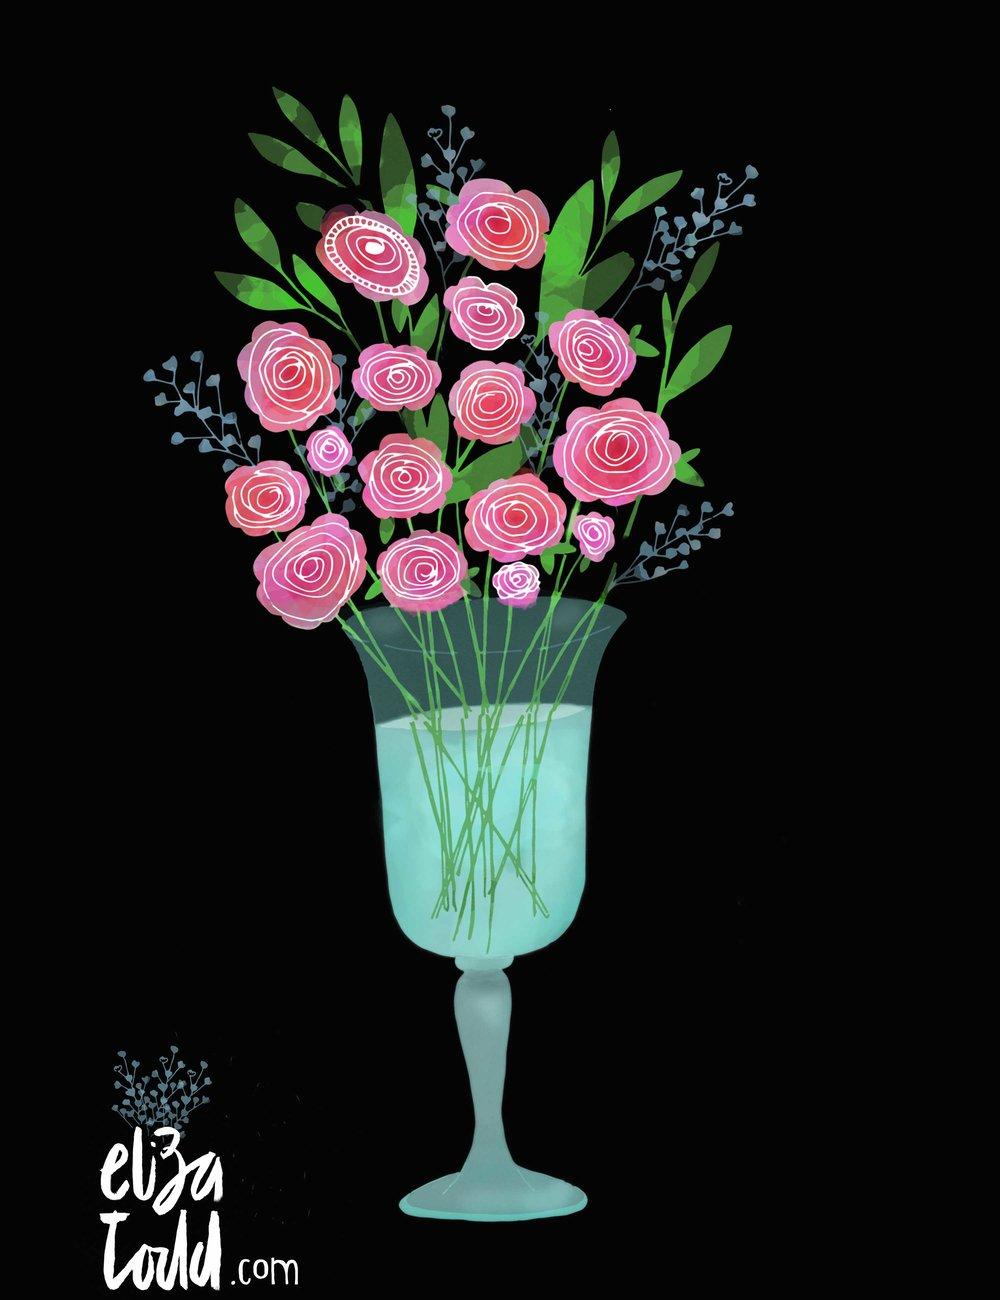 Elizatodd_roses-in-vase.jpg